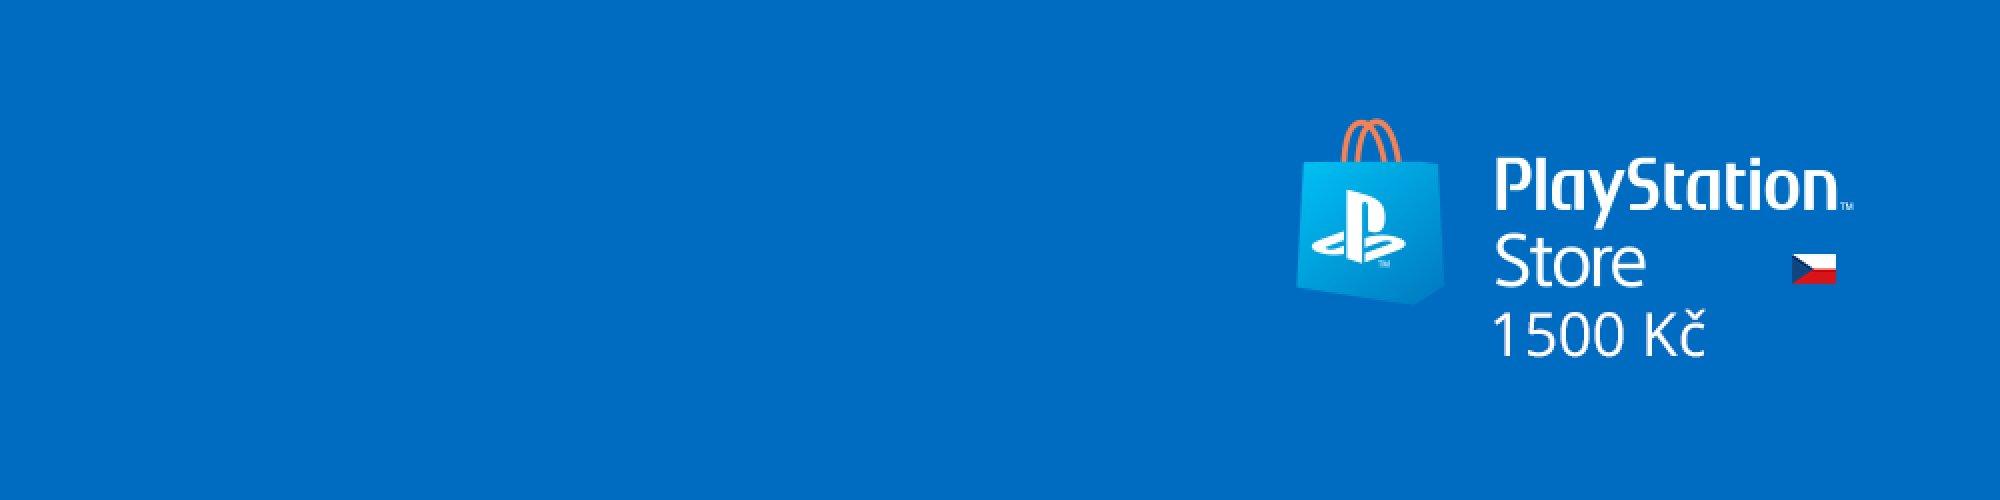 PlayStation Live Cards 1500Kč banner